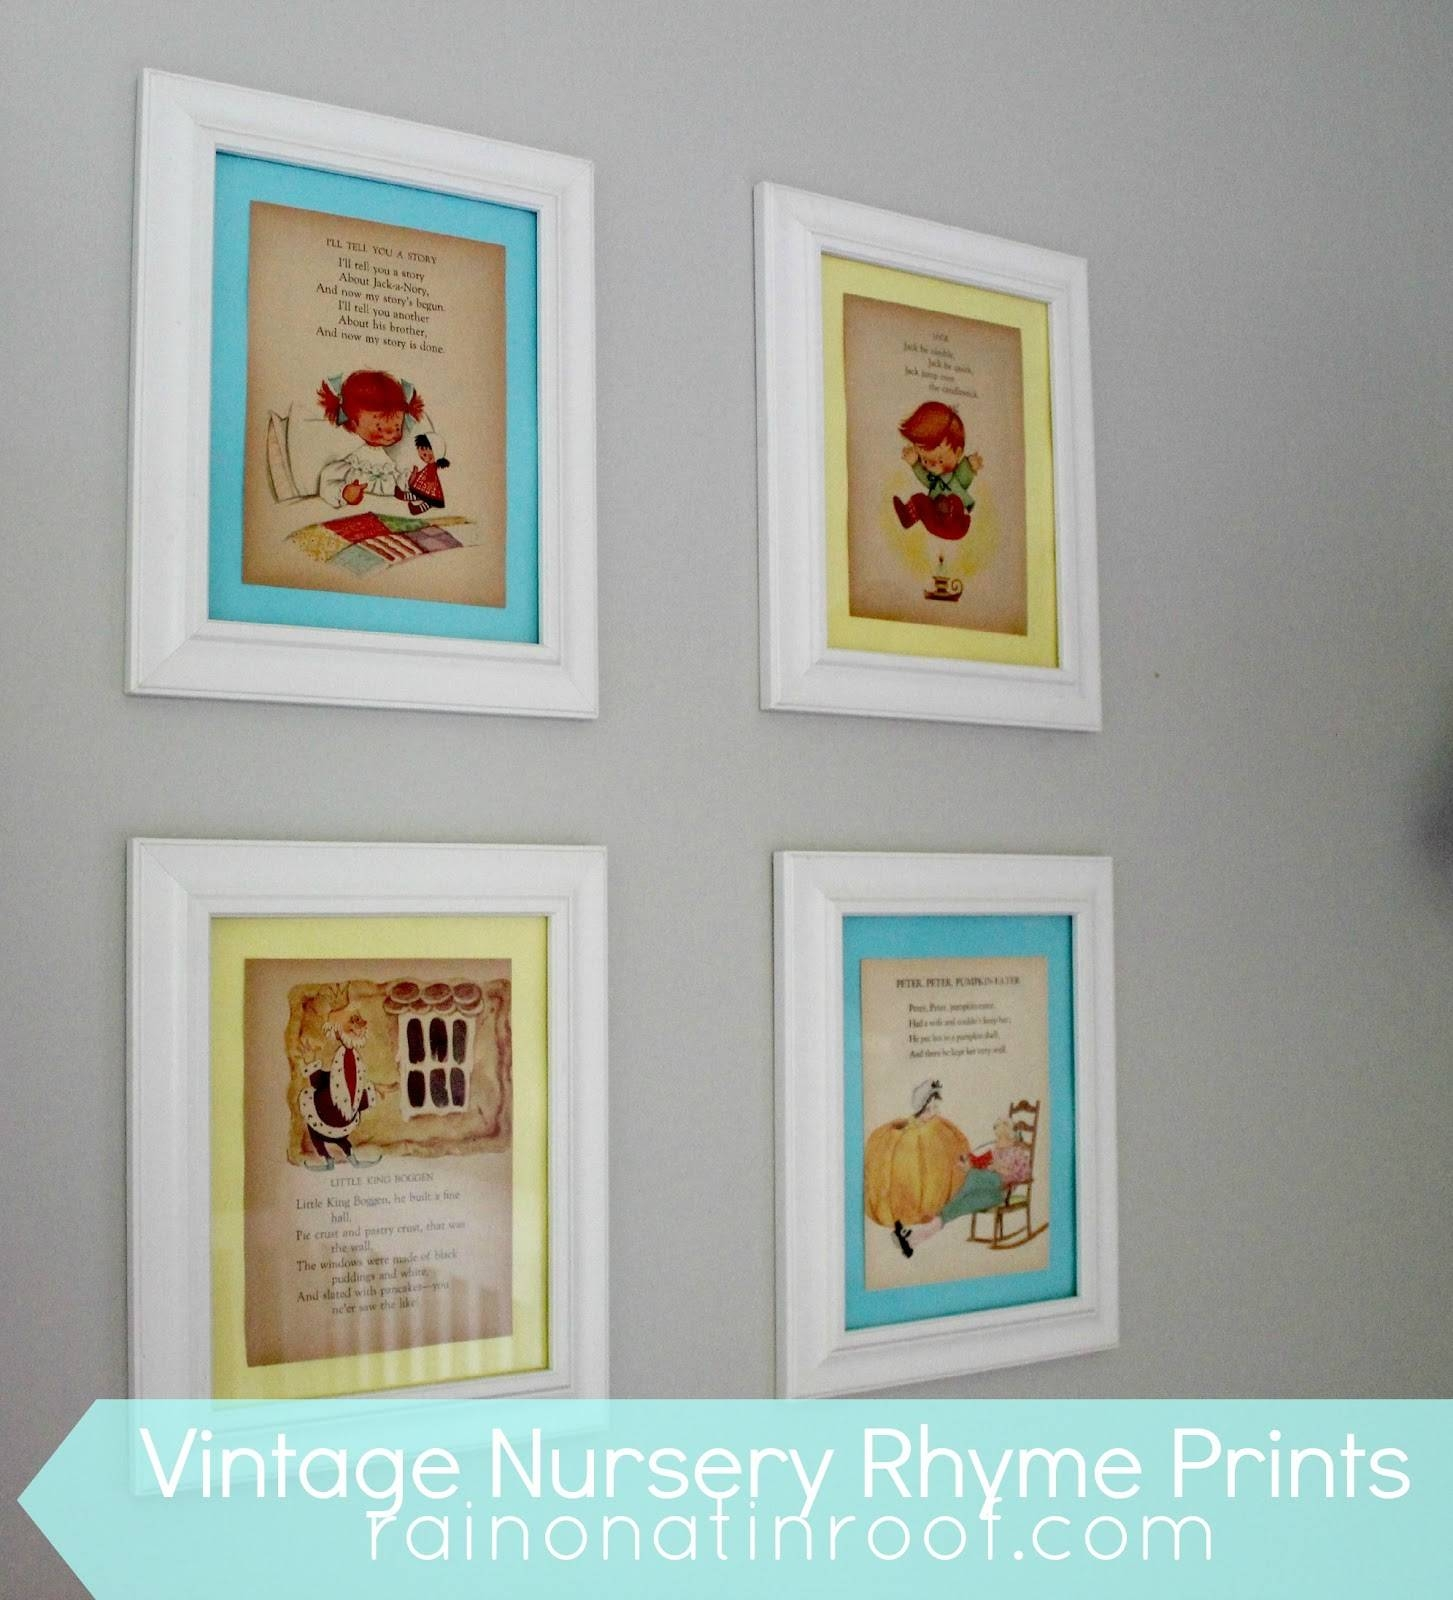 Diy Vintage Nursery Rhyme Prints: Simple & Cheap Regarding Best And Newest Nursery Framed Wall Art (View 7 of 20)